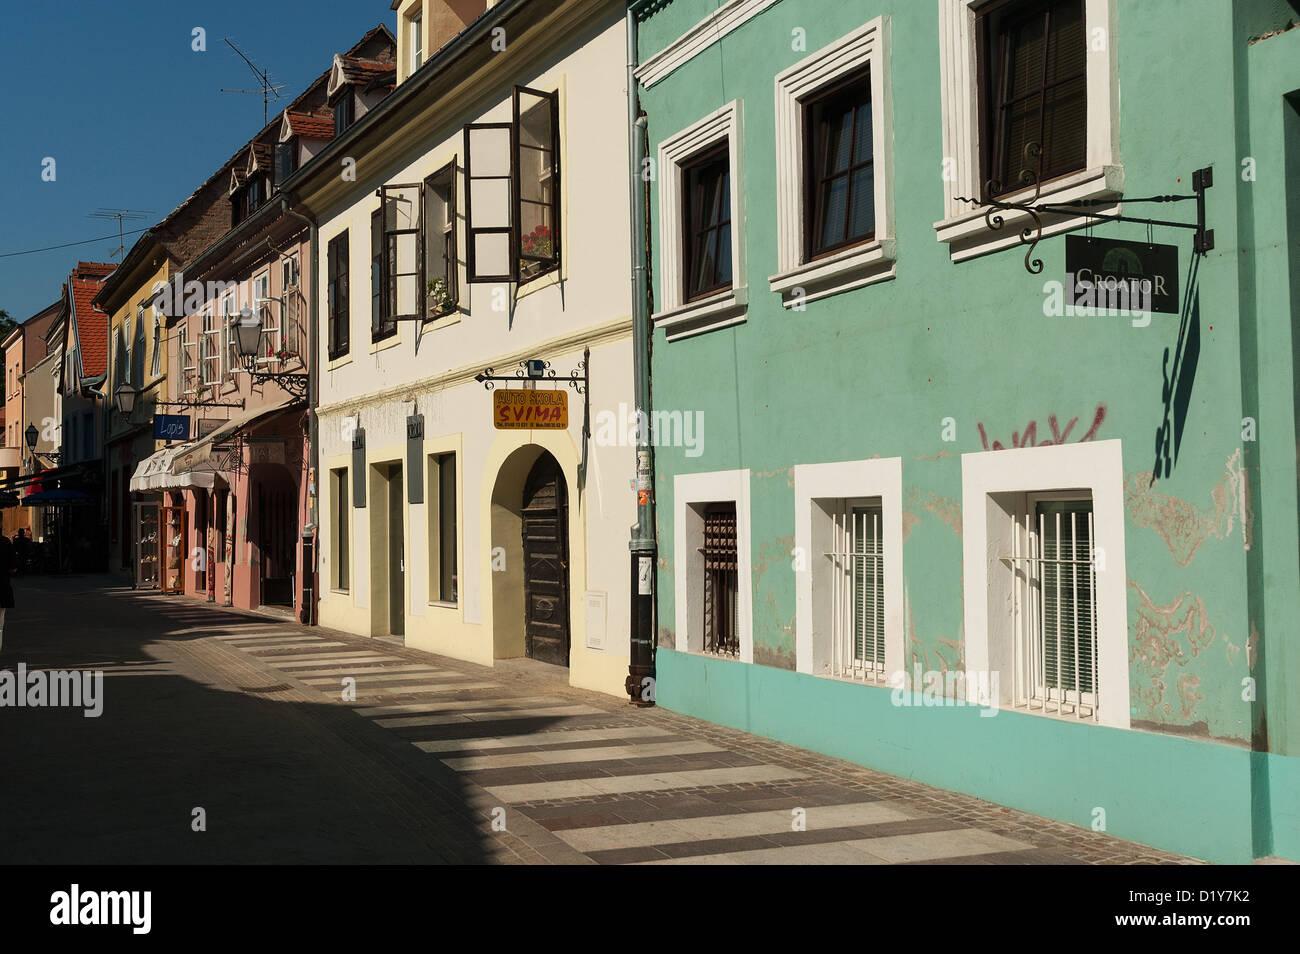 Elk192-1089 Croatia, Zagreb, Opatovina pedestrian street - Stock Image